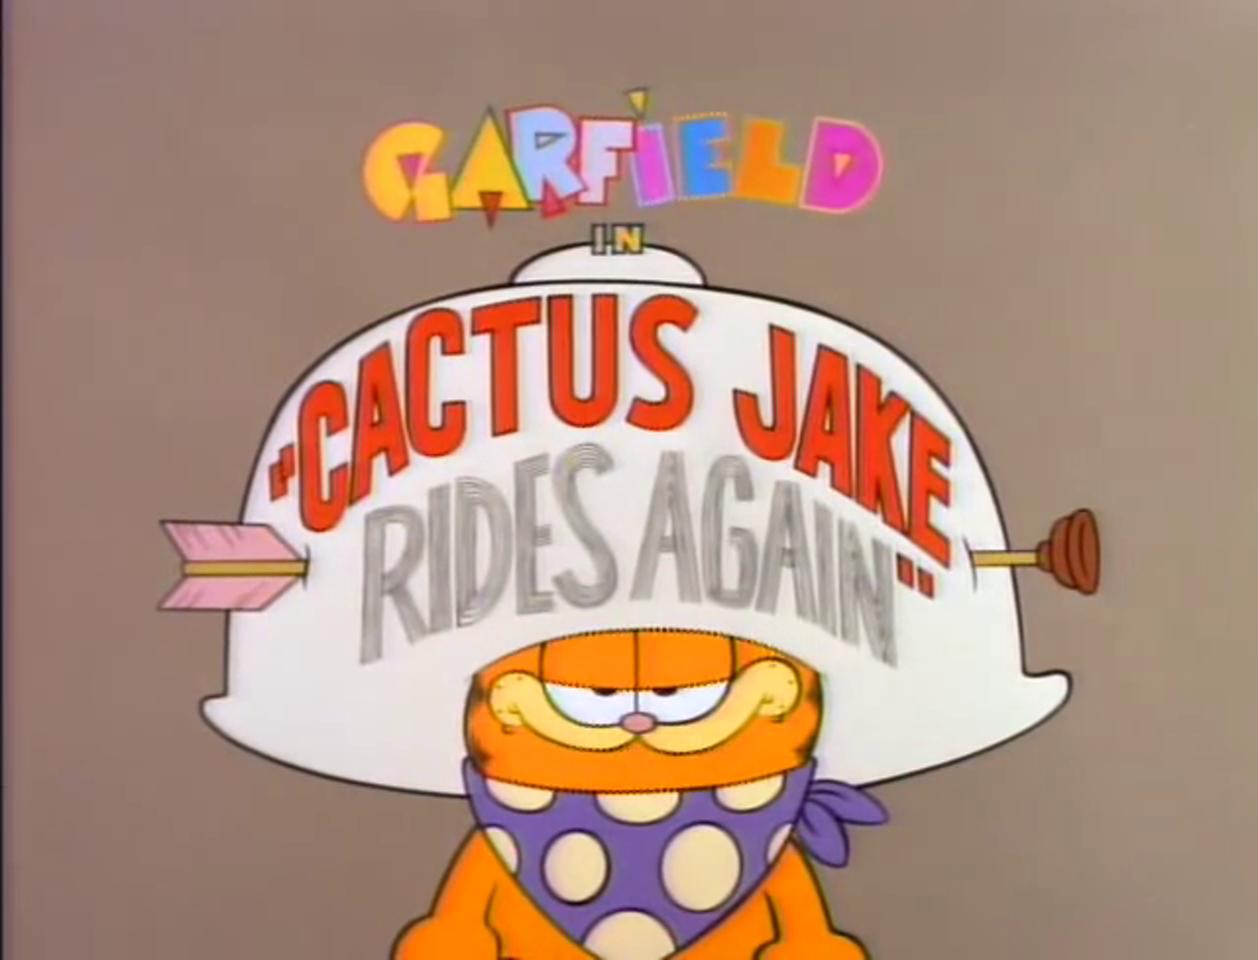 Cactus Jake Rides Again